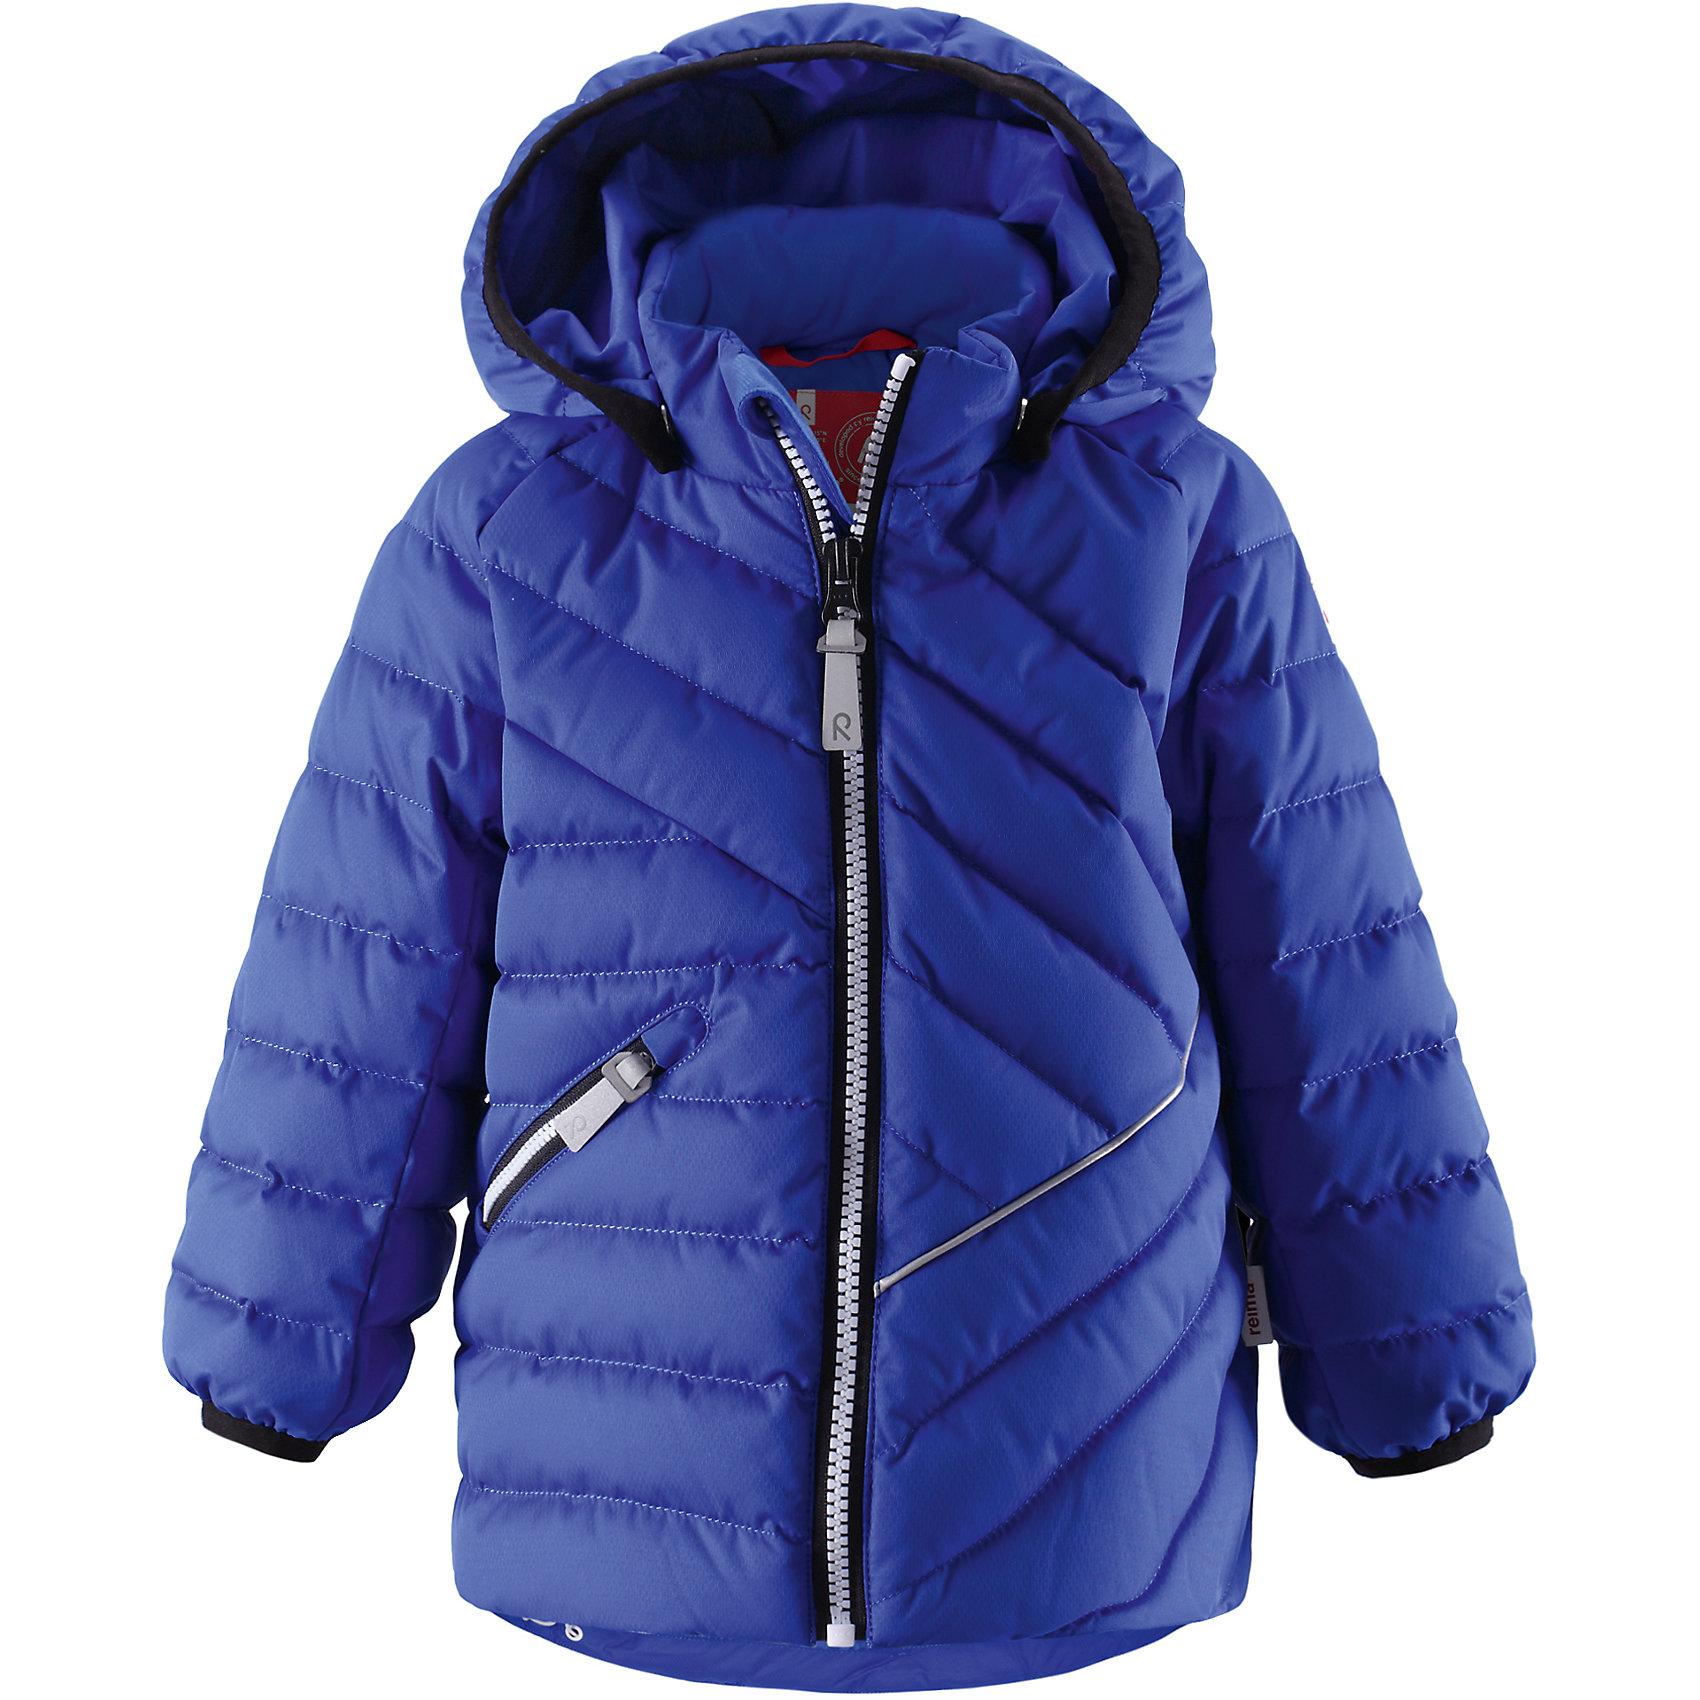 Куртка ReimaКуртка от финской марки Reima.<br>* Пуховик для малышей<br>* Эластичный кант на манжетах рукавов и по краю капюшона<br>* Светоотражающий кант впереди<br>* Регулируемый подол на шнурке<br>* Безопасный съёмный капюшон<br>Состав:<br>100% ПЭ, ПУ-покрытие<br><br>Ширина мм: 356<br>Глубина мм: 10<br>Высота мм: 245<br>Вес г: 519<br>Цвет: голубой<br>Возраст от месяцев: 12<br>Возраст до месяцев: 18<br>Пол: Унисекс<br>Возраст: Детский<br>Размер: 86,92,98<br>SKU: 4632009